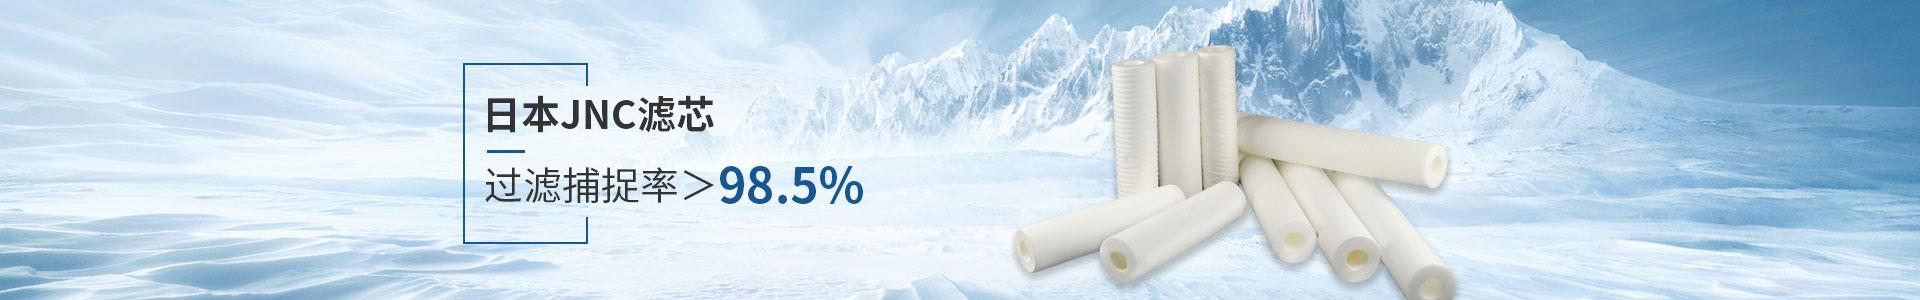 齐腾净化代理的日本JNC滤芯过滤捕捉率>98.5%